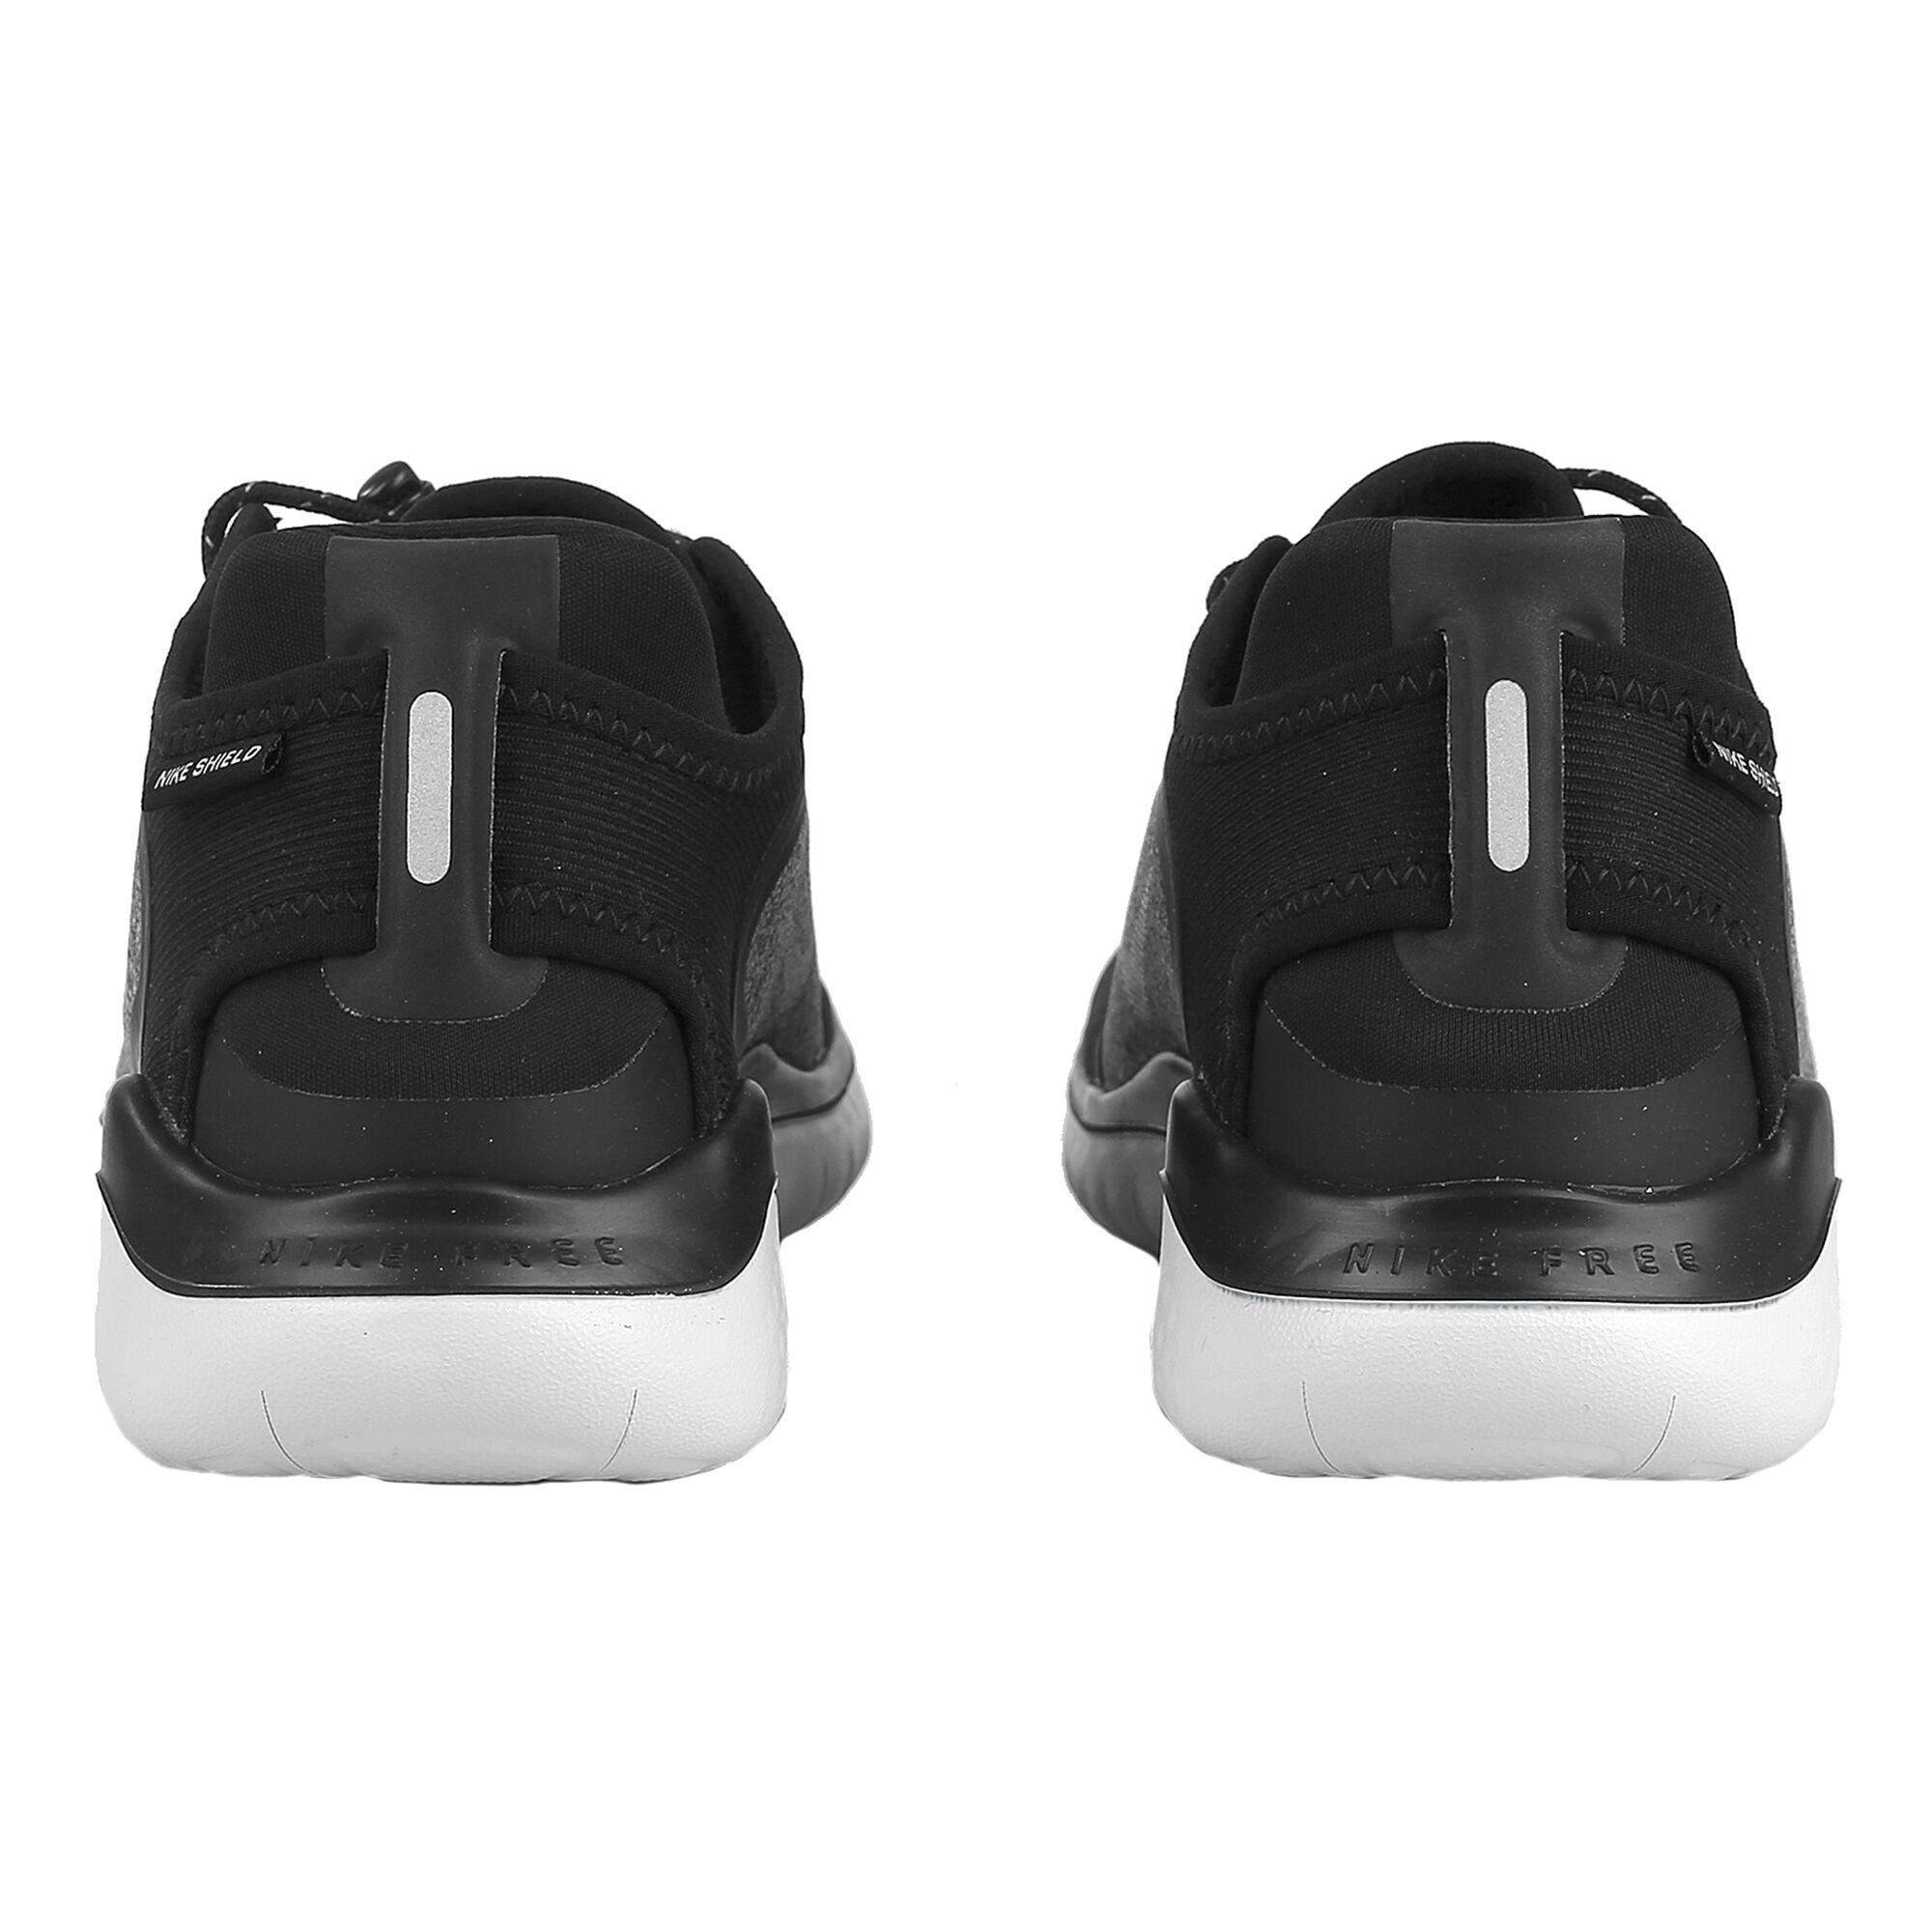 84ceea36587 Nike · Nike · Nike · Nike · Nike · Nike · Nike · Nike · Nike · Nike. Free  Run 2018 Shield ...